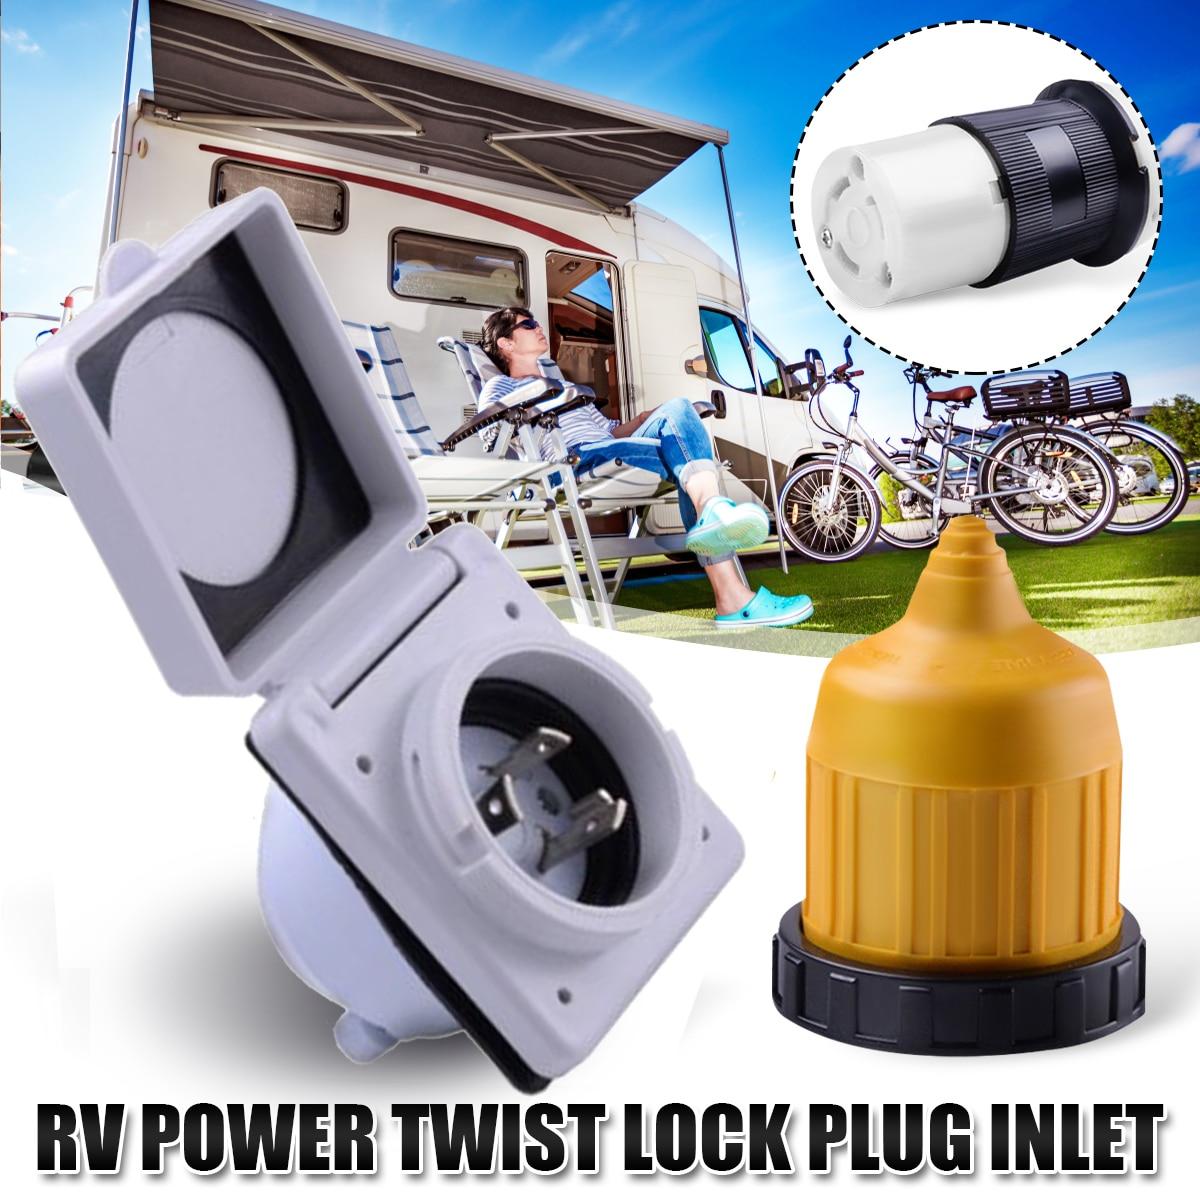 RV Verrouillage Électrique Plug Inlet 30amp 125 V Femelle De Verrouillage Connecteur avec Couvercle pour voiture de tourisme pour Bateau RV Entrée Marine